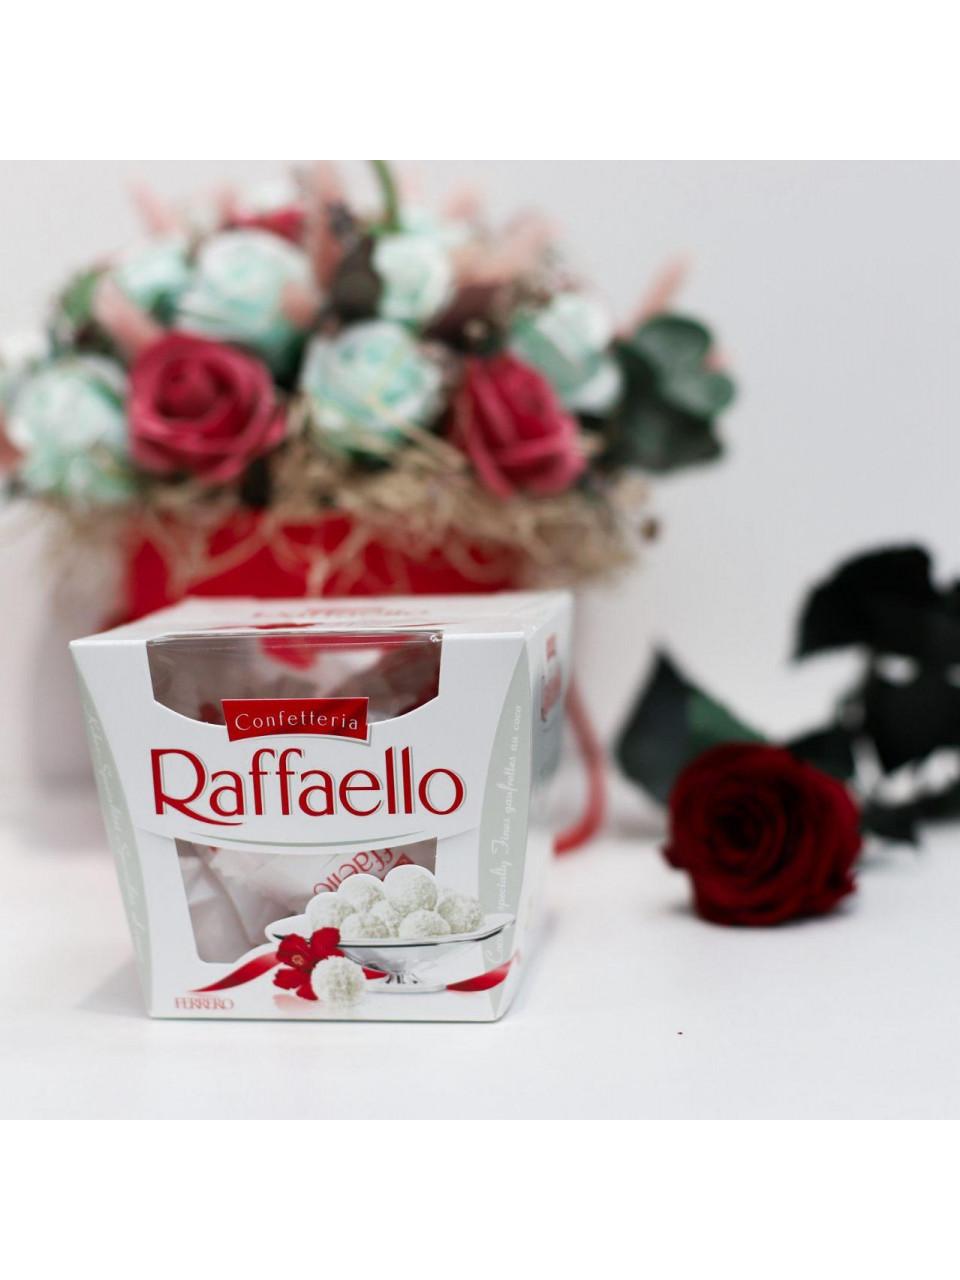 Набор конфет Raffaello 150гр.